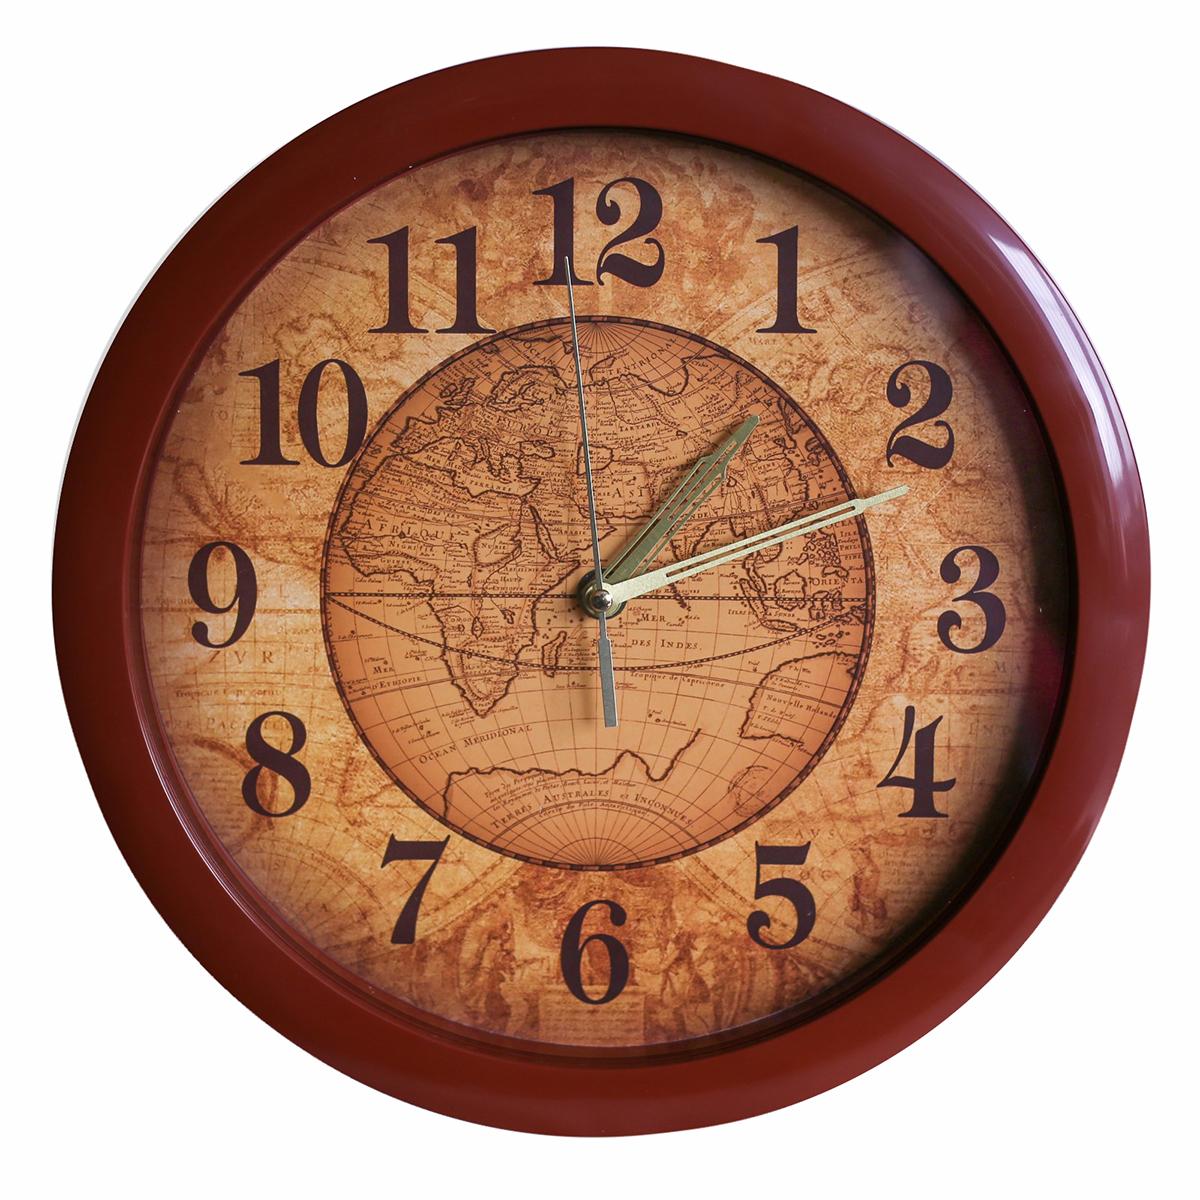 Часы настенные Соломон Карта2436393Каждому хозяину периодически приходит мысль обновить свою квартиру, сделать ремонт, перестановку или кардинально поменять внешний вид каждой комнаты. — привлекательная деталь, которая поможет воплотить вашу интерьерную идею, создать неповторимую атмосферу в вашем доме. Окружите себя приятными мелочами, пусть они радуют глаз и дарят гармонию.Настенные часы пластик Карта, коричневый обод 2436393